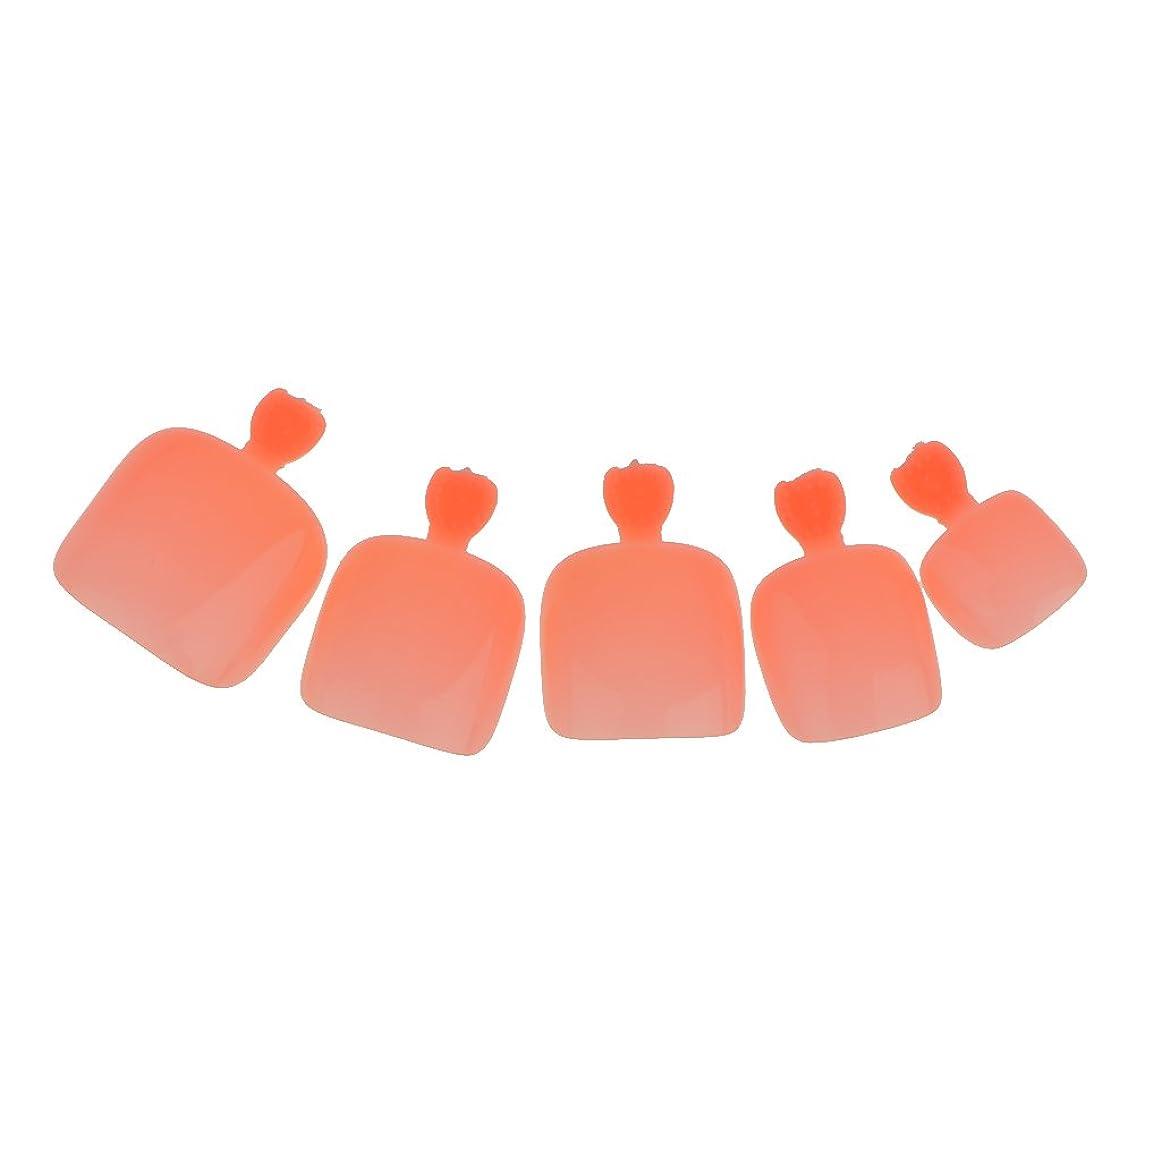 険しい童謡リル【ノーブランド品】24個 フルカバー ペディキュア 人工 ネイルアート ヒント 全14色選べる - ライトオレンジ